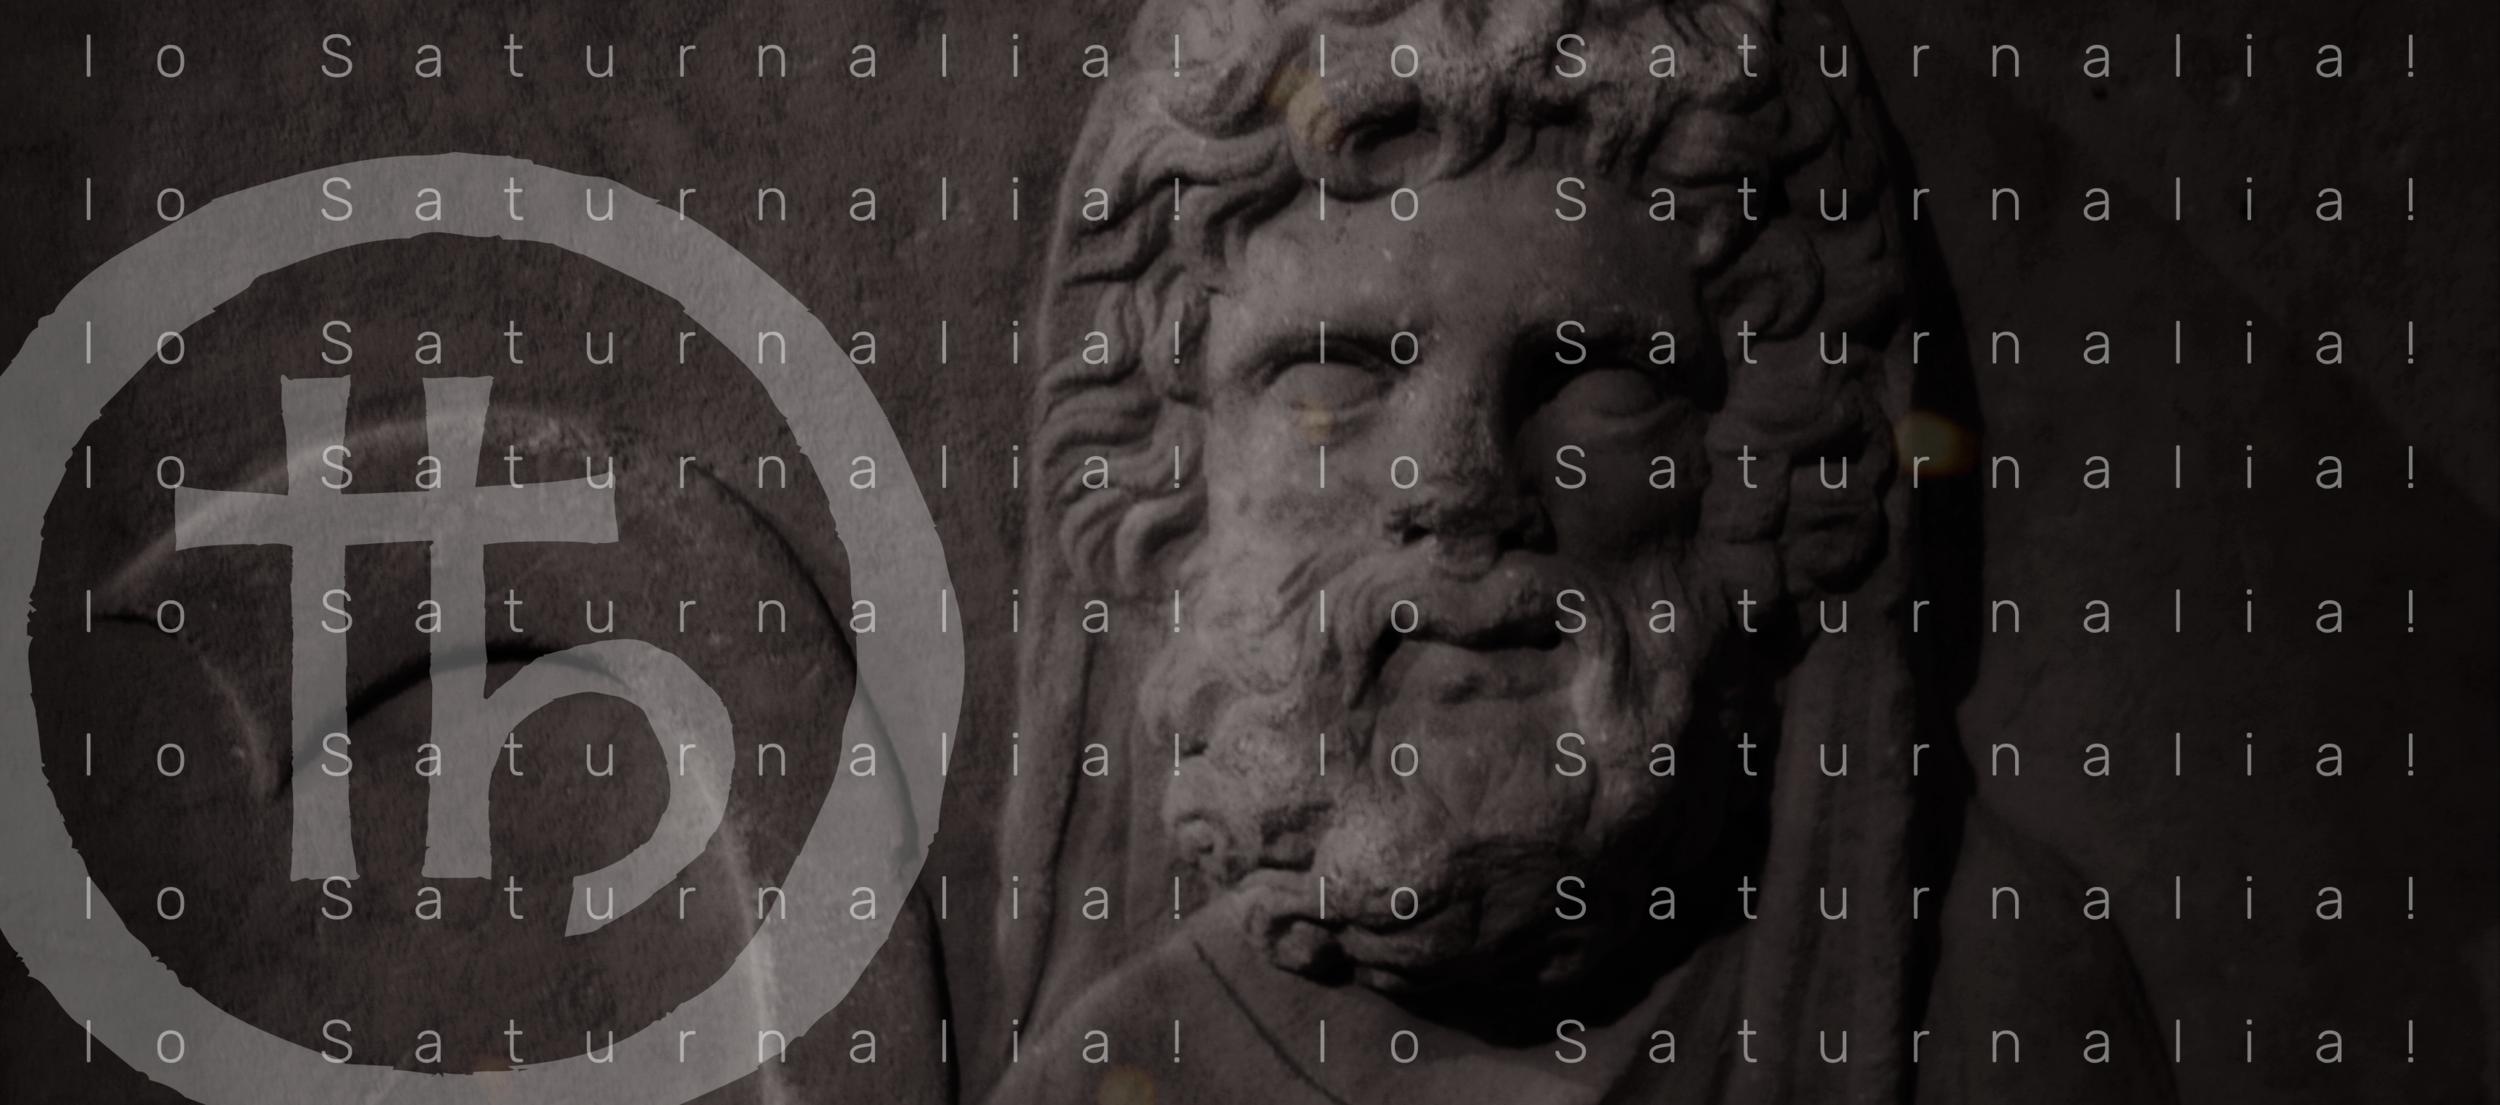 Io Saturnalia